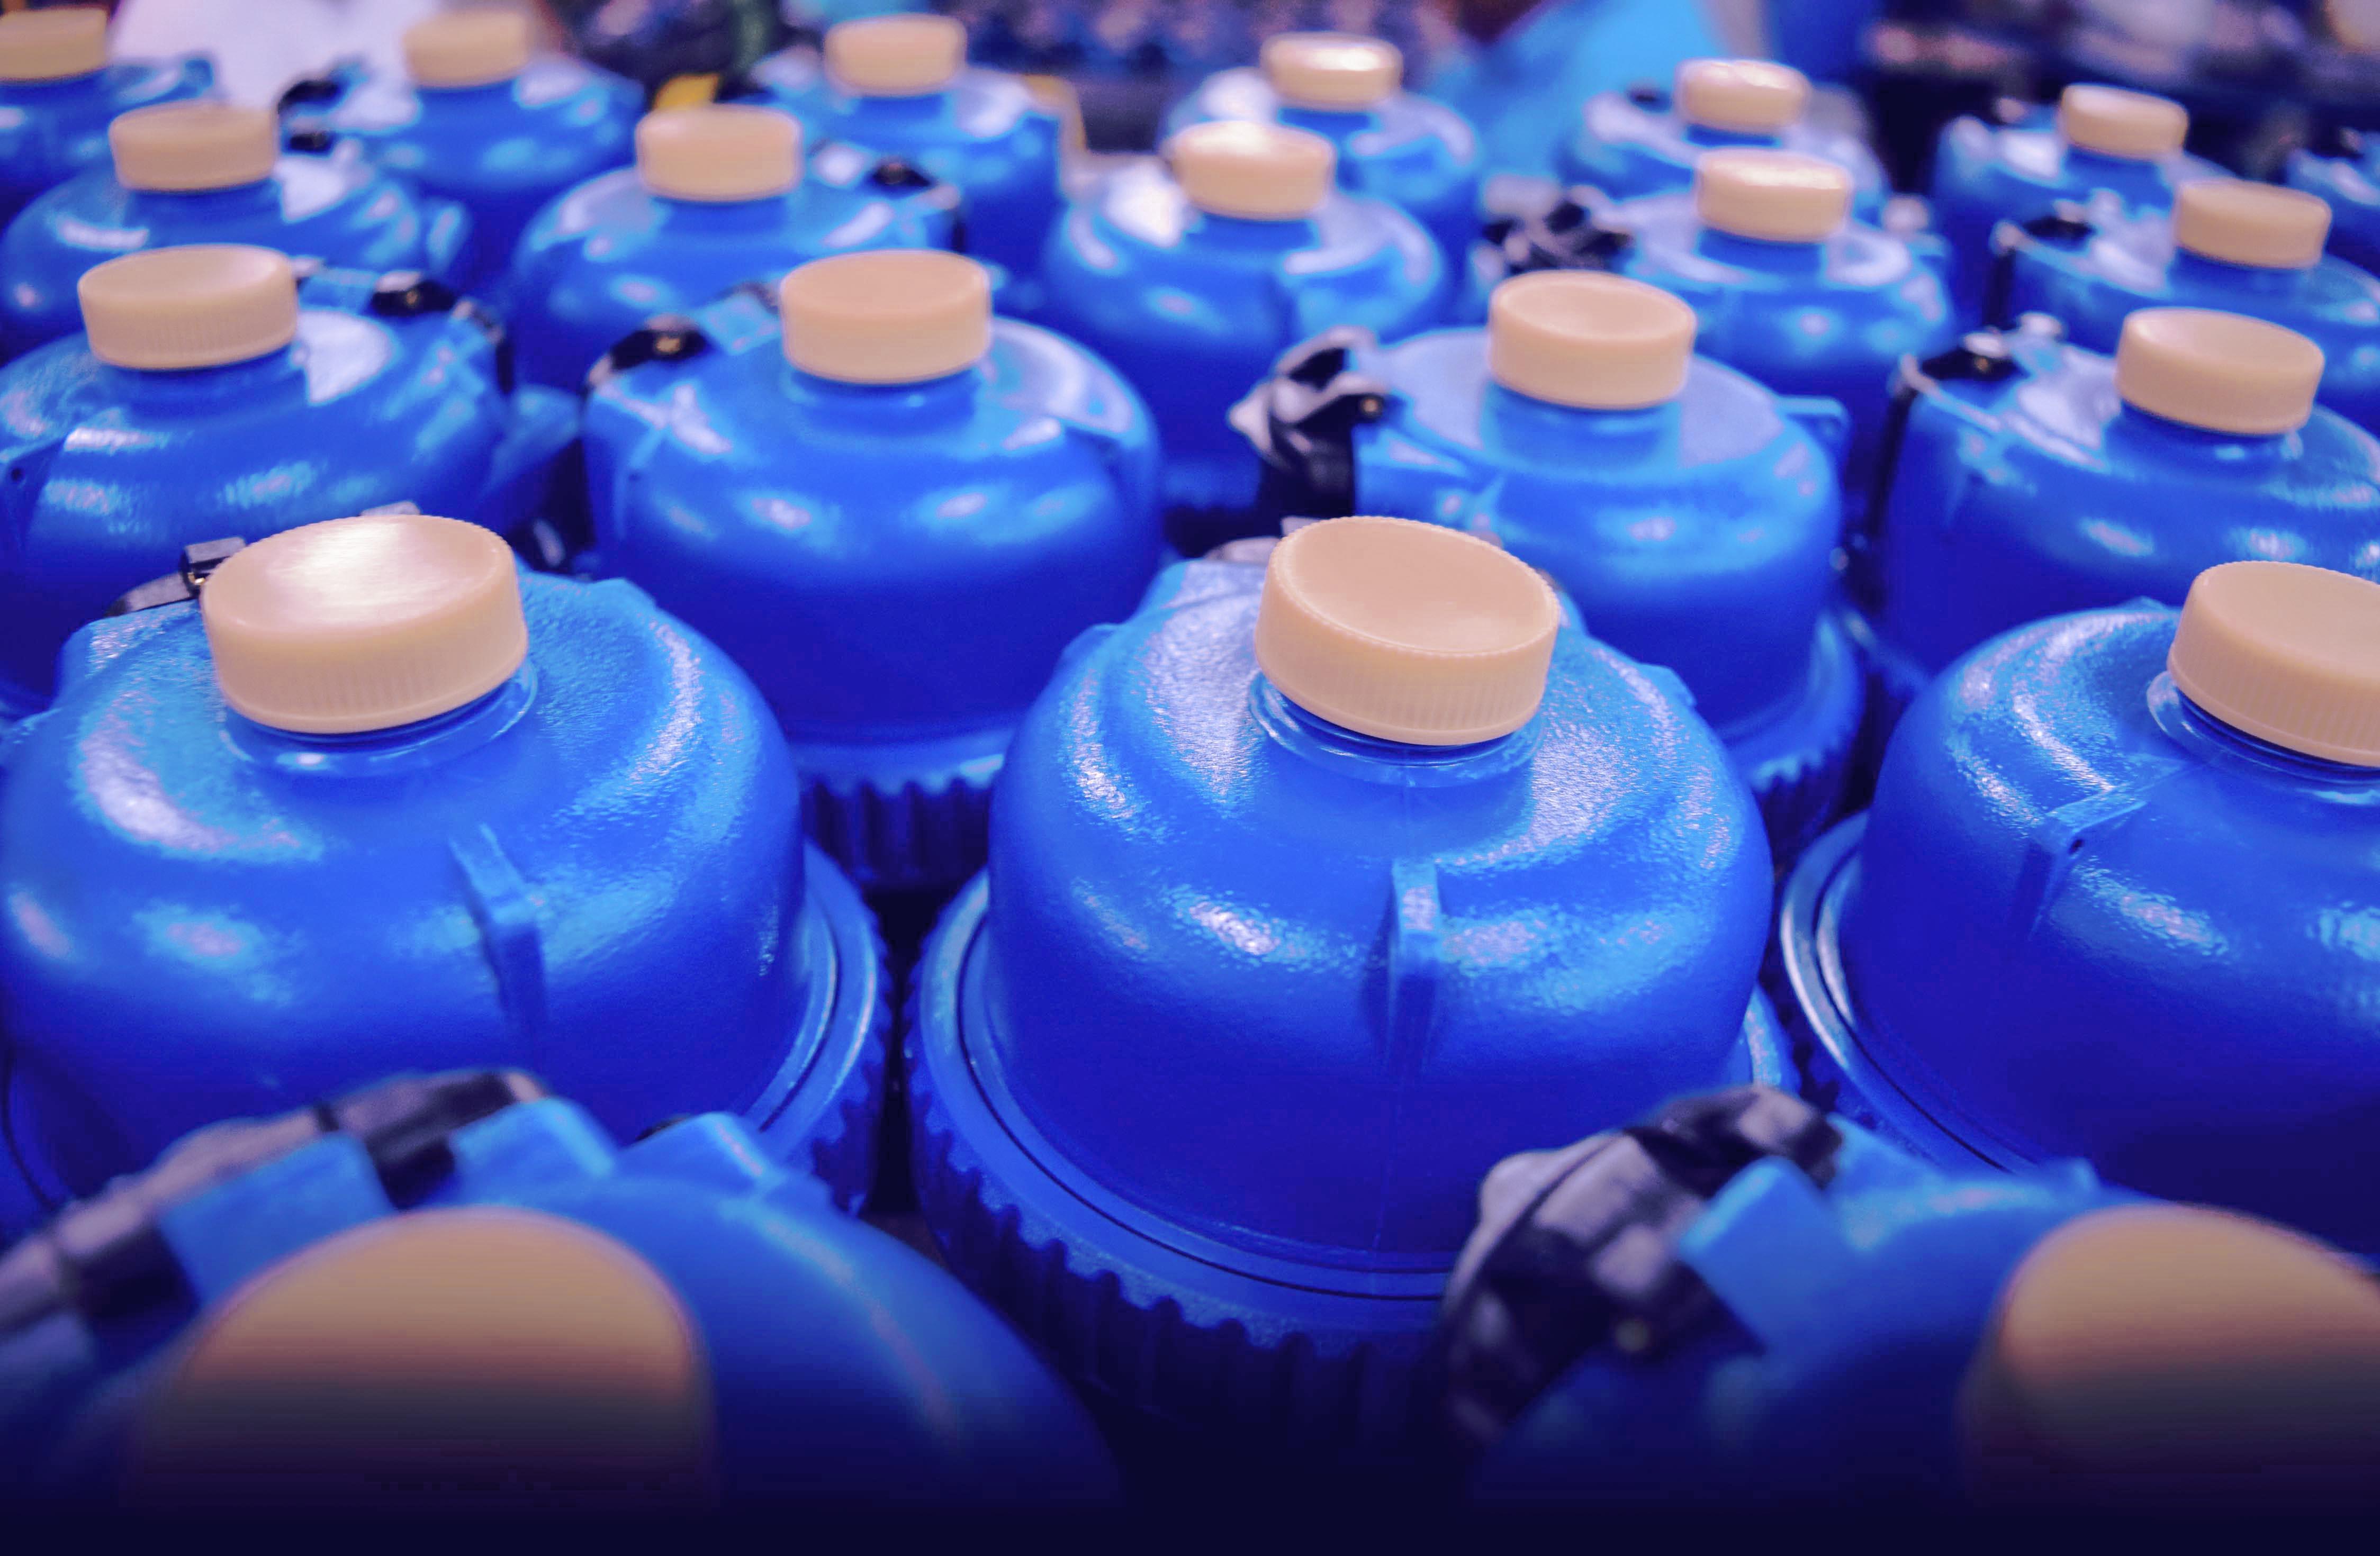 water meters llight blue